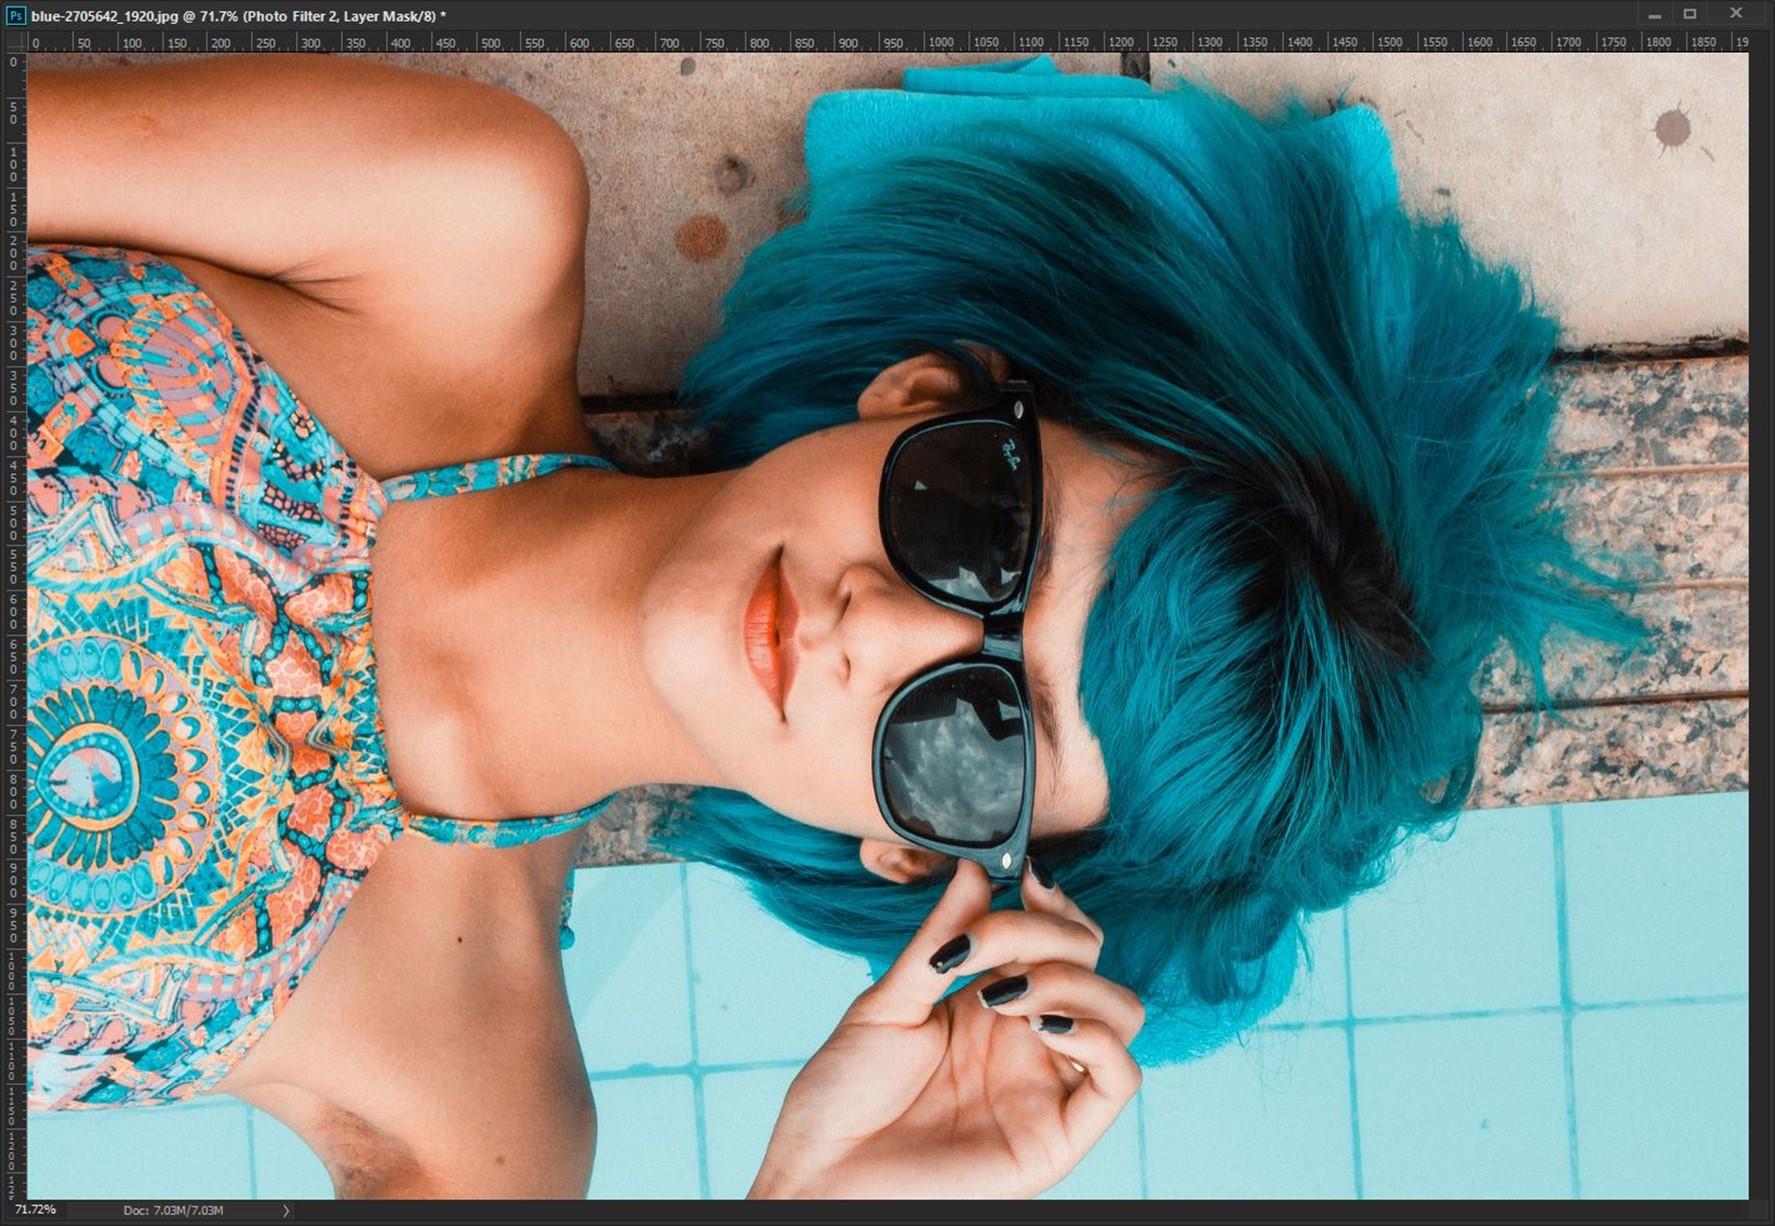 101817_0852_CreateInsta2 - Create Instagram Clarendon Effect in Photoshop